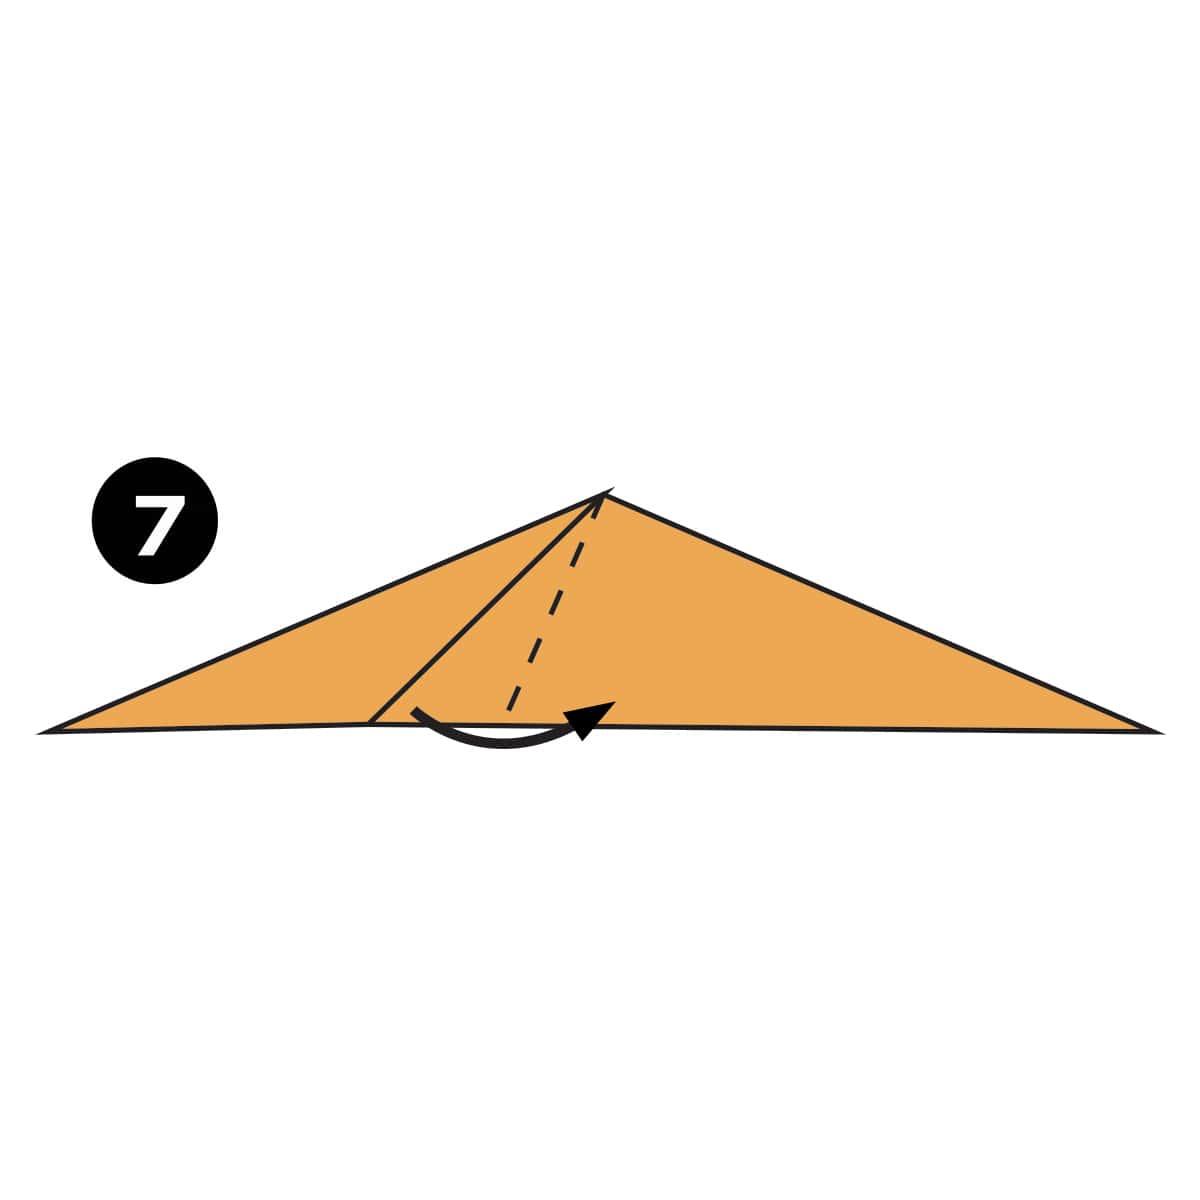 Plesiosaurus Step 7